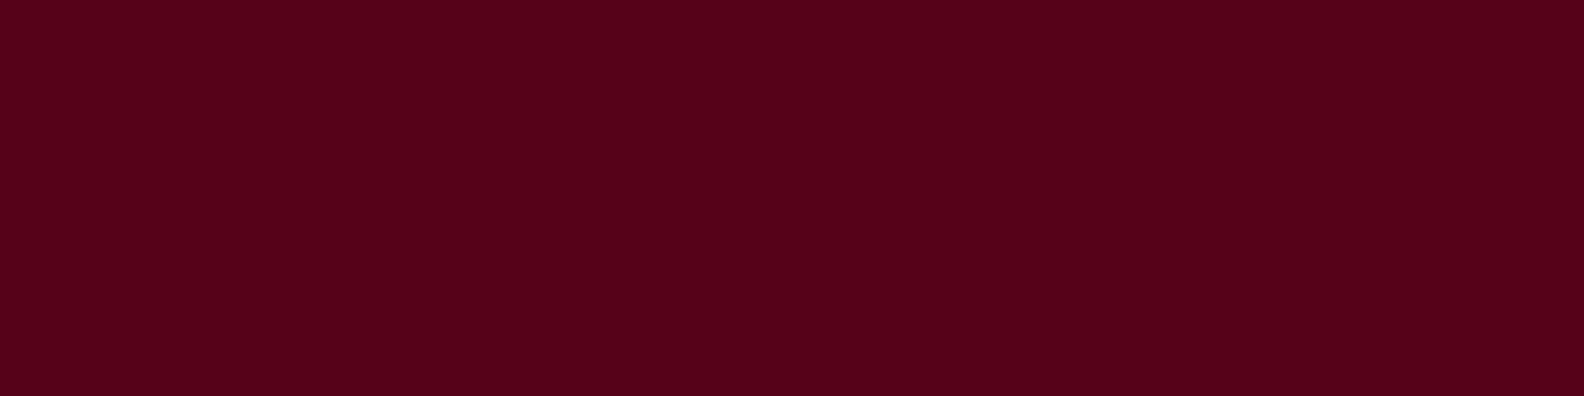 1584x396 Dark Scarlet Solid Color Background